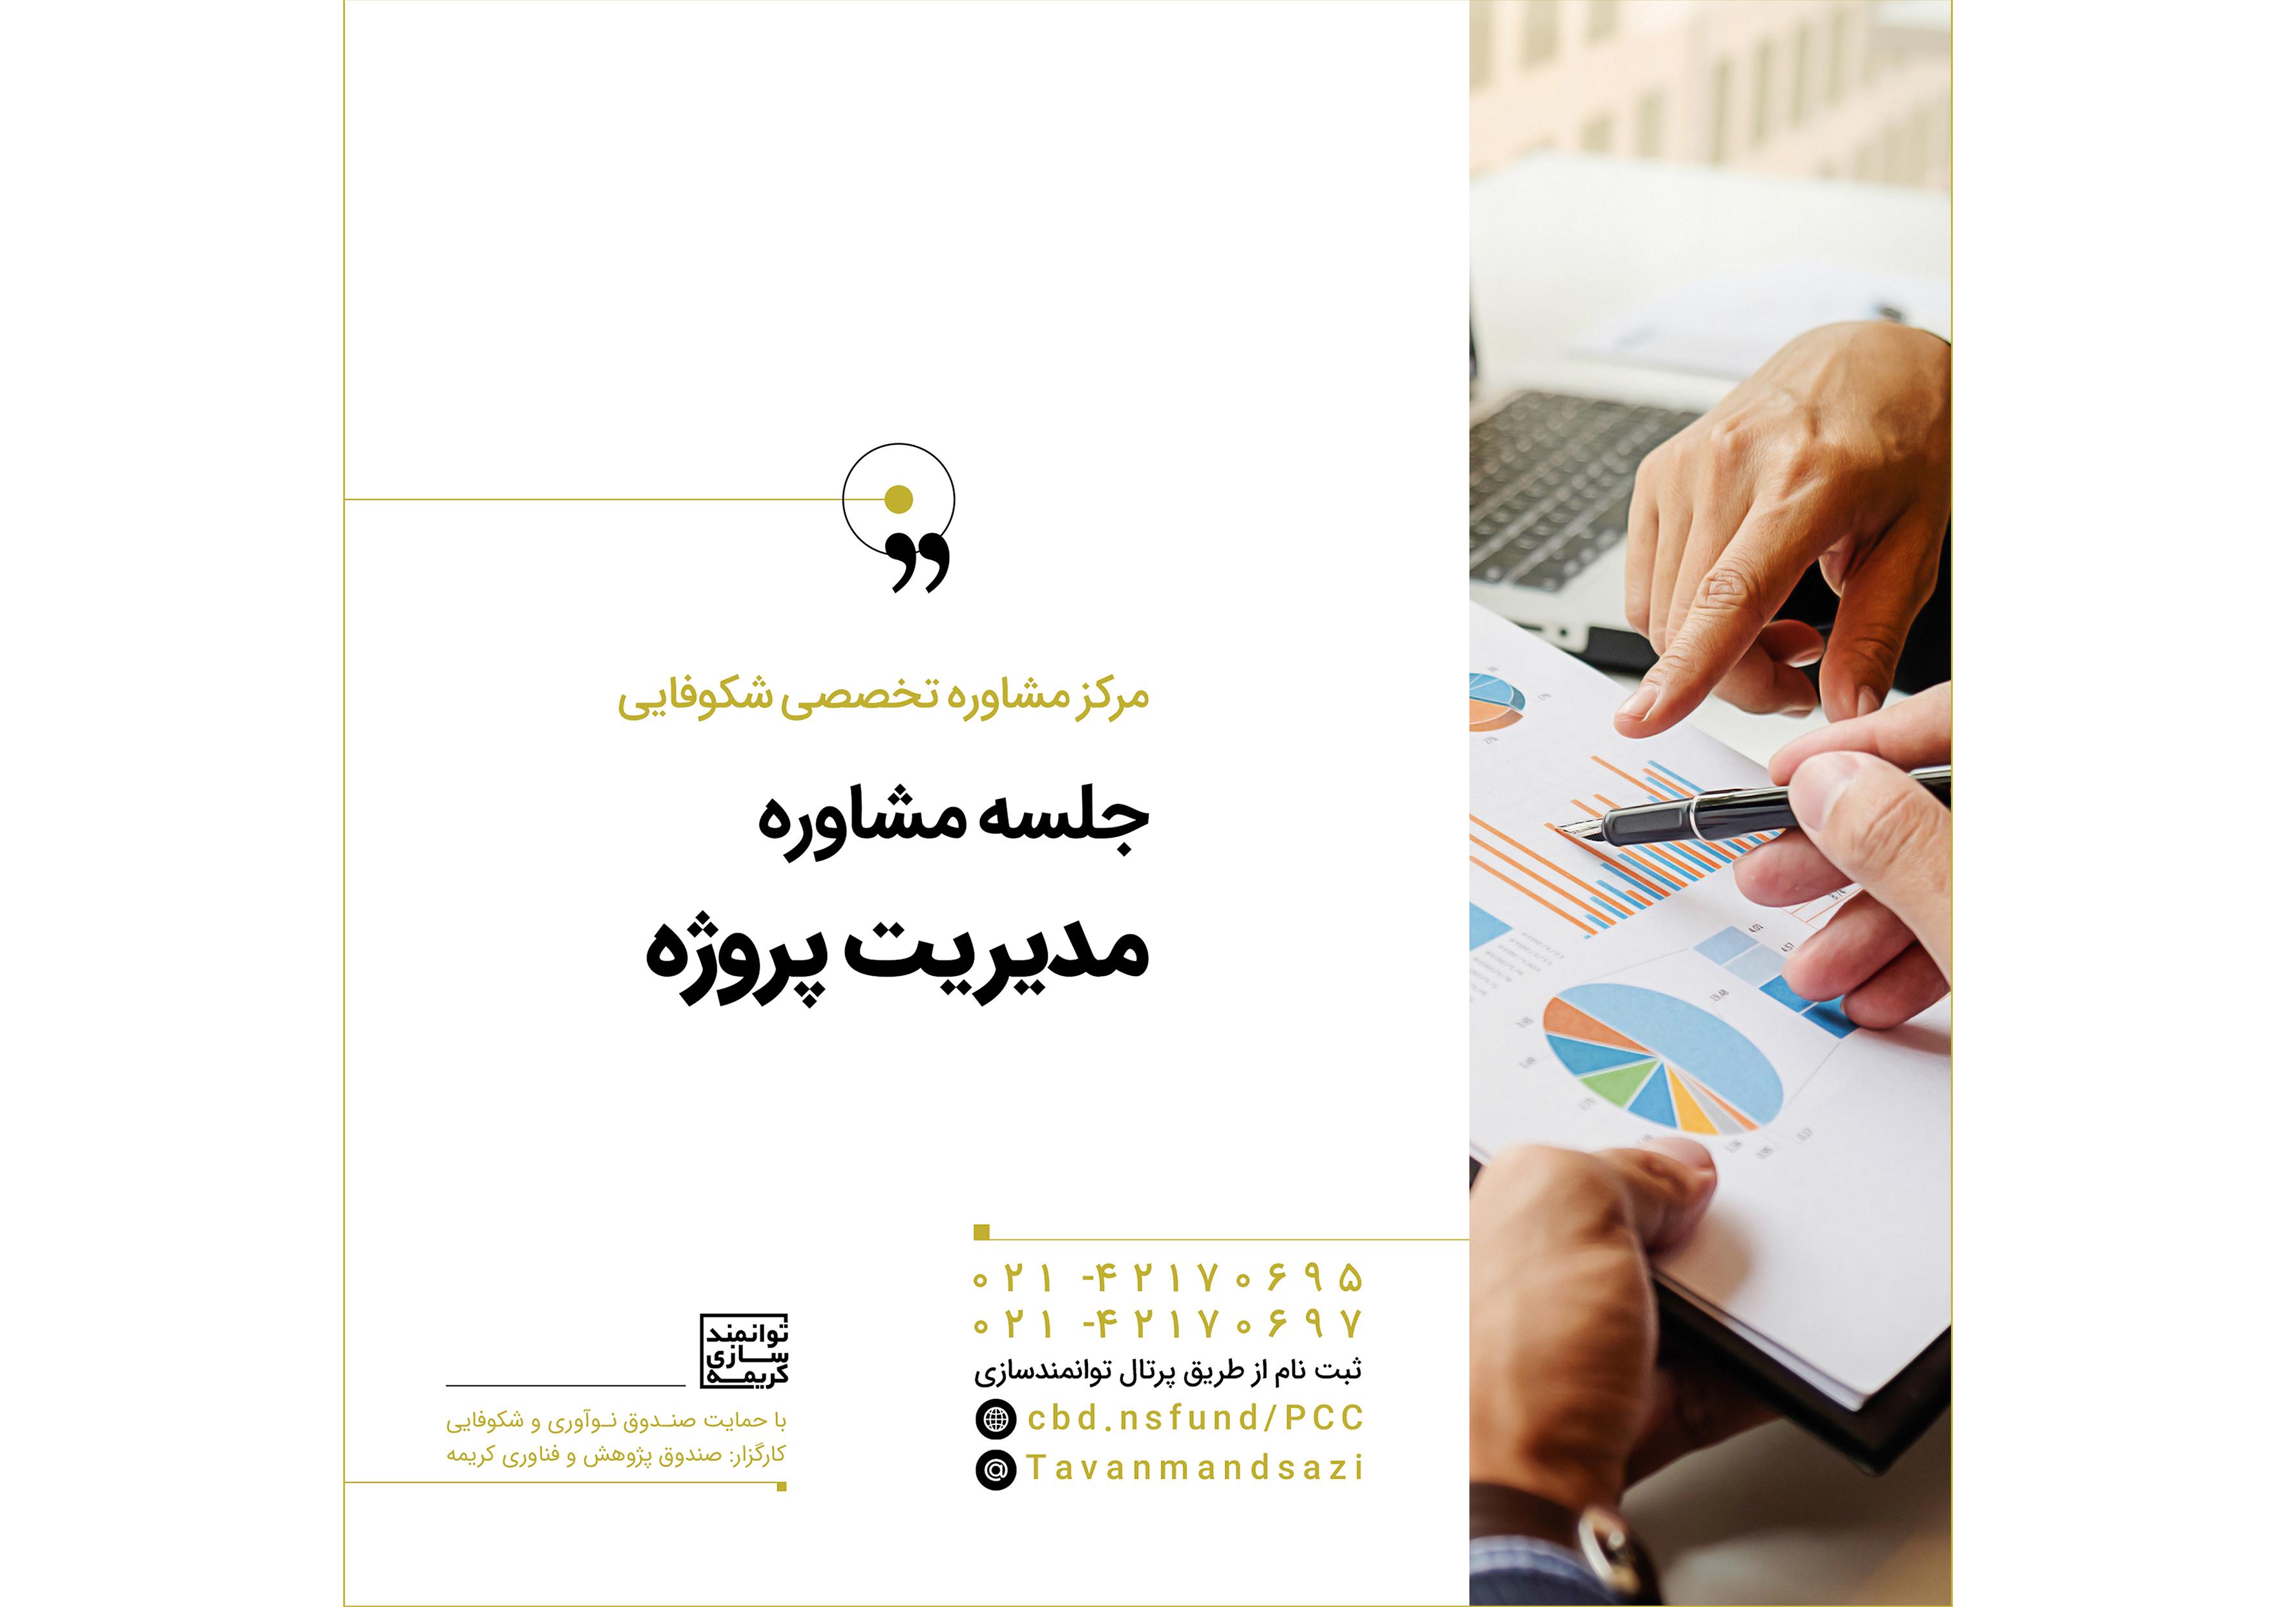 برگزاری جلسات مشاوره تخصصی در حوزه مدیریت پروژه